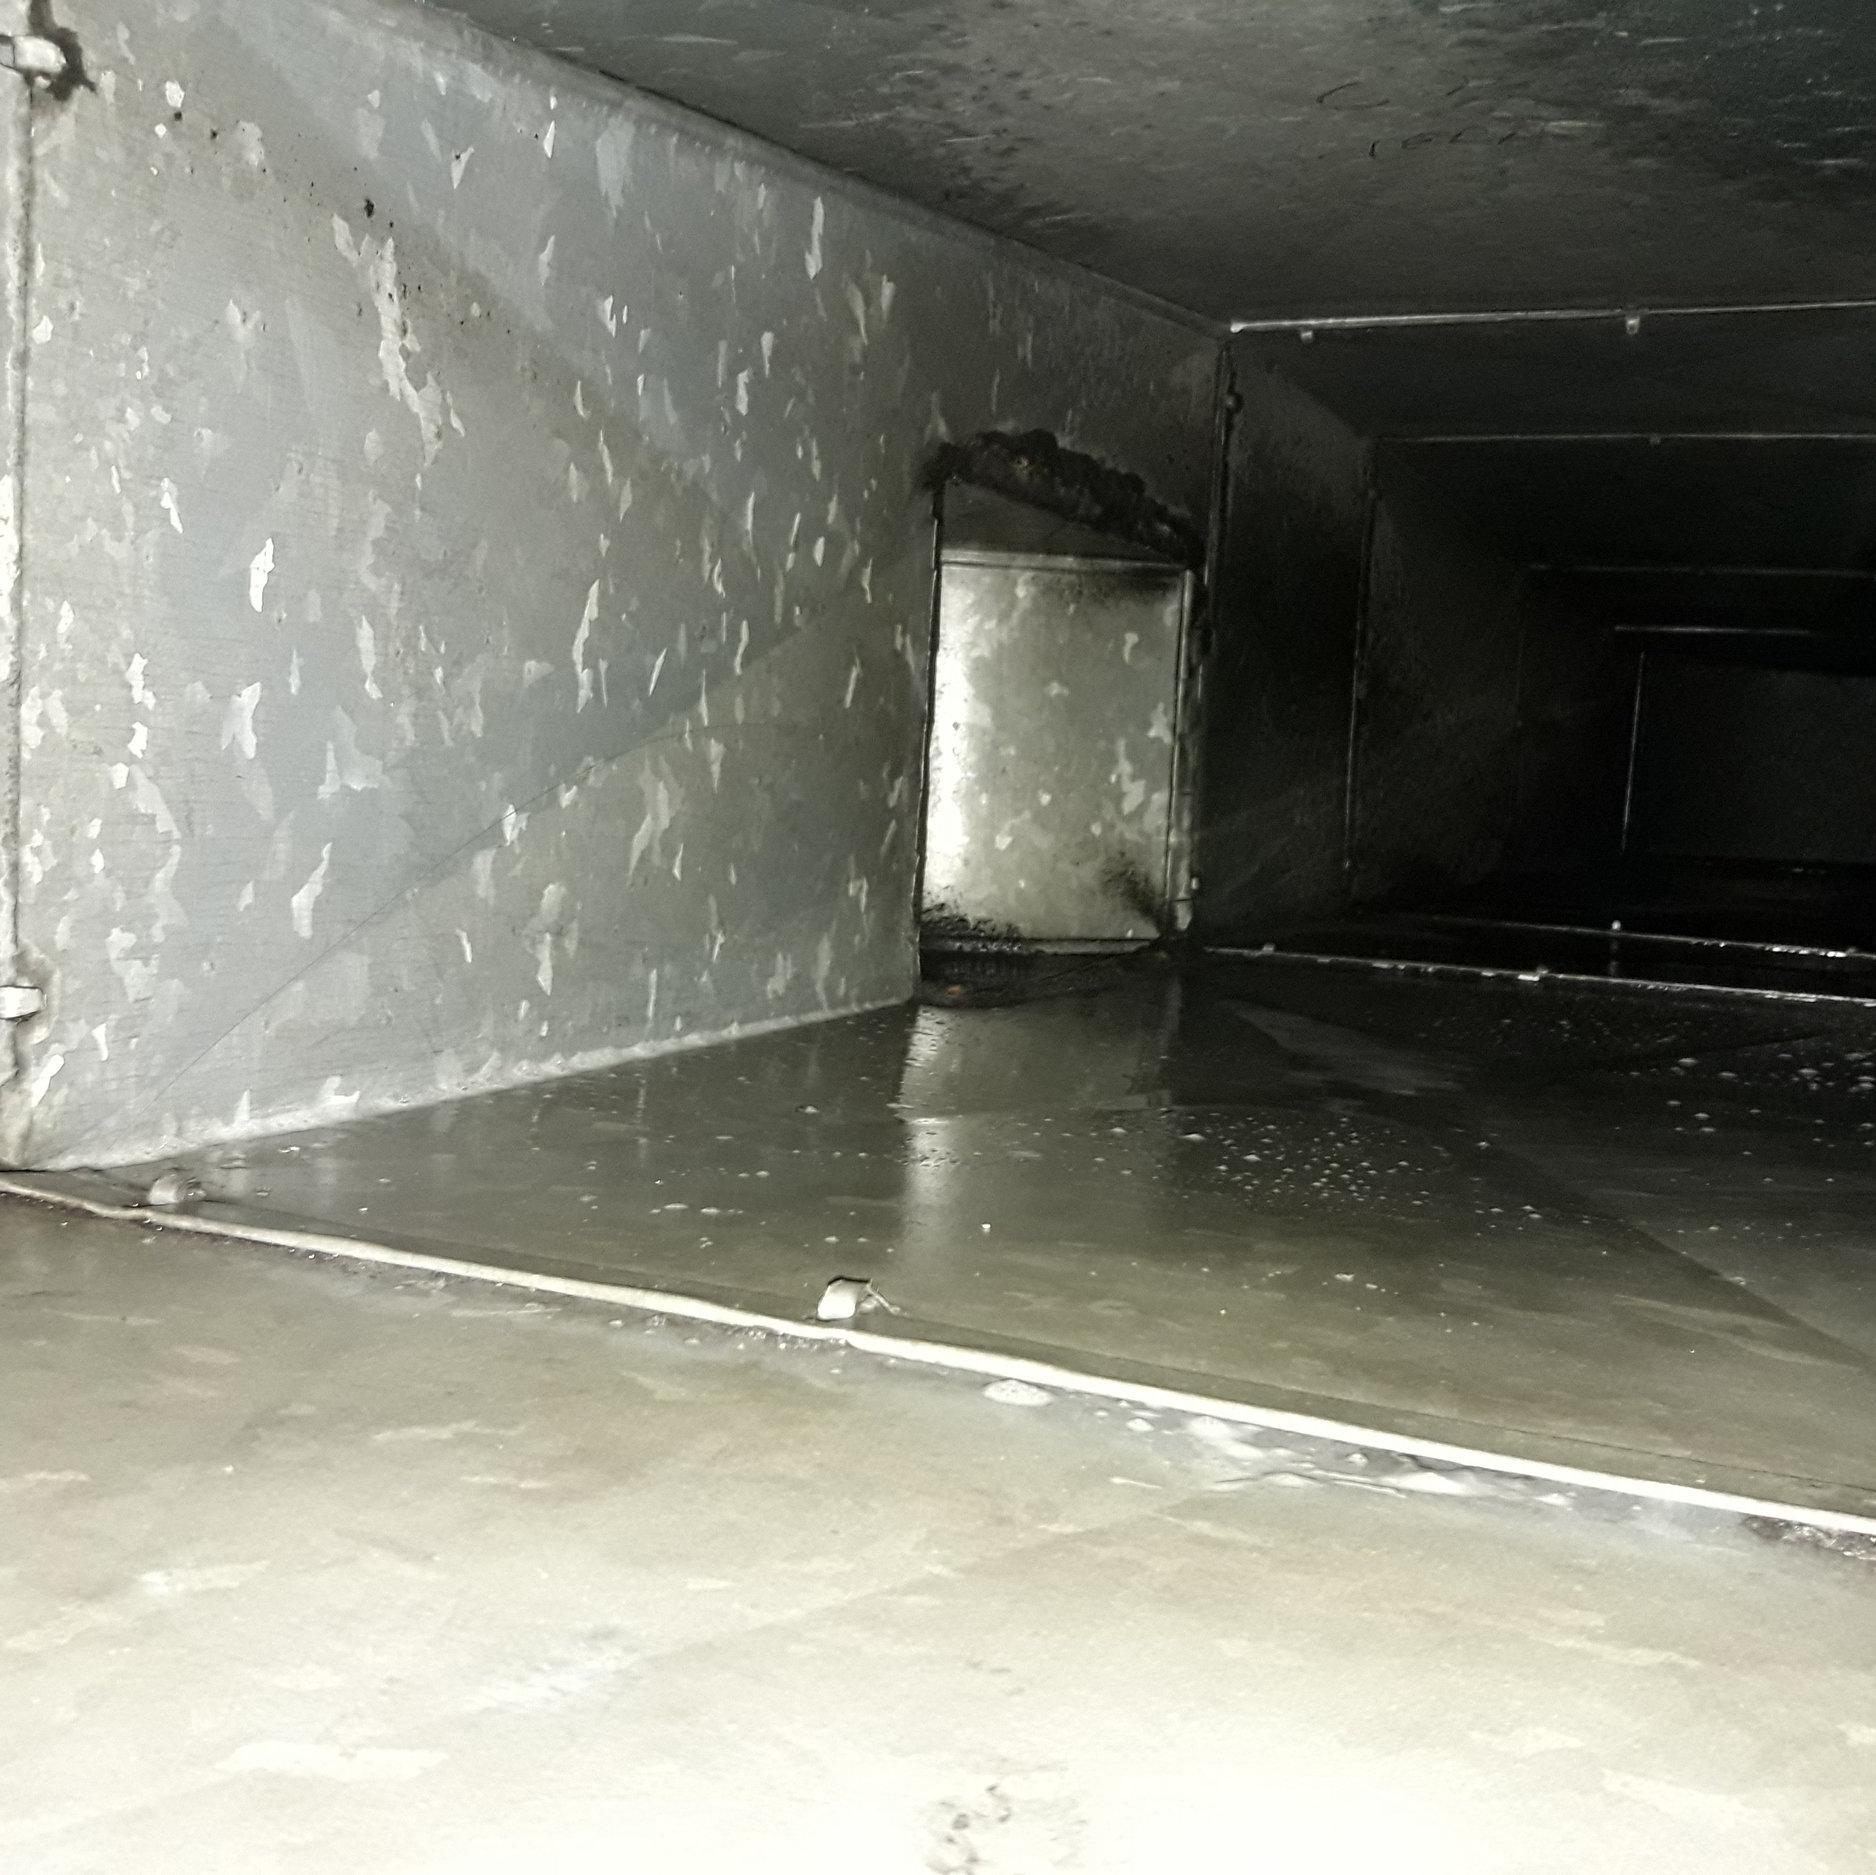 Conducto Limpio - De esta forma luce el interior del conducto después de realizar el proceso de higiene y desinfección.